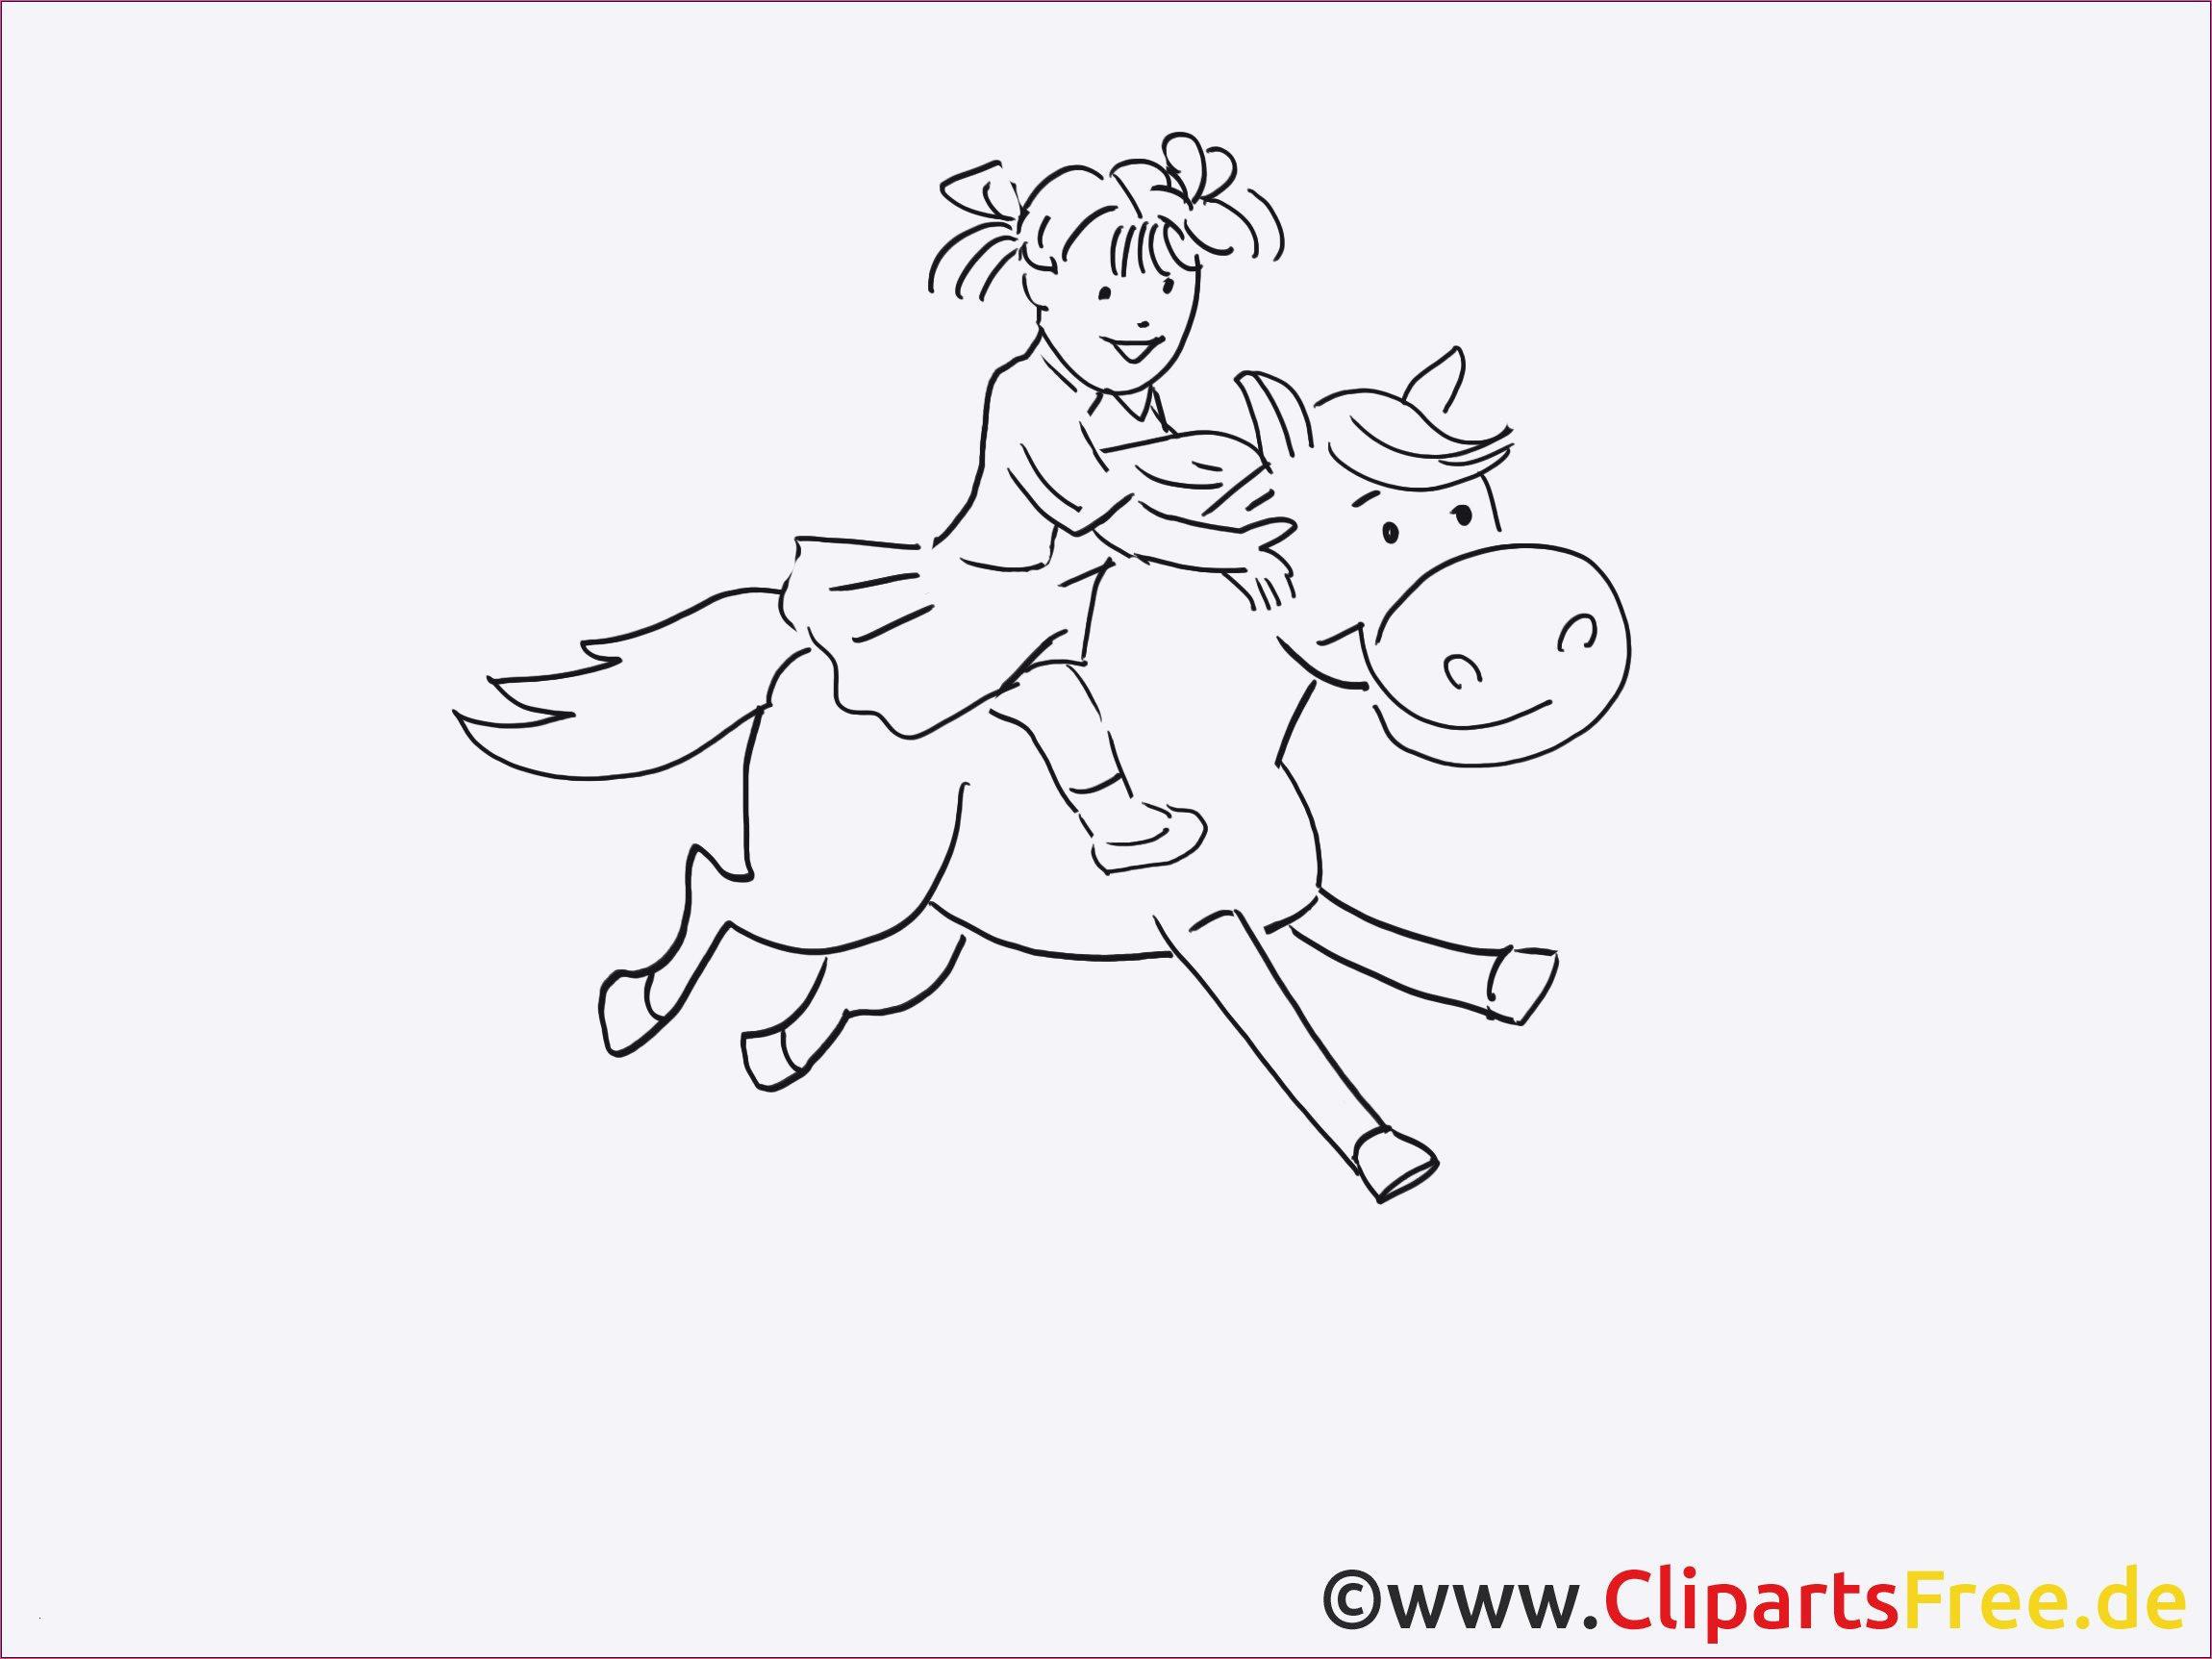 Bibi Und Tina 4 Ausmalbilder Frisch Ausmalbilder Bibi Und Tina Pferde Neu Malvorlagen Igel Elegant Igel Sammlung